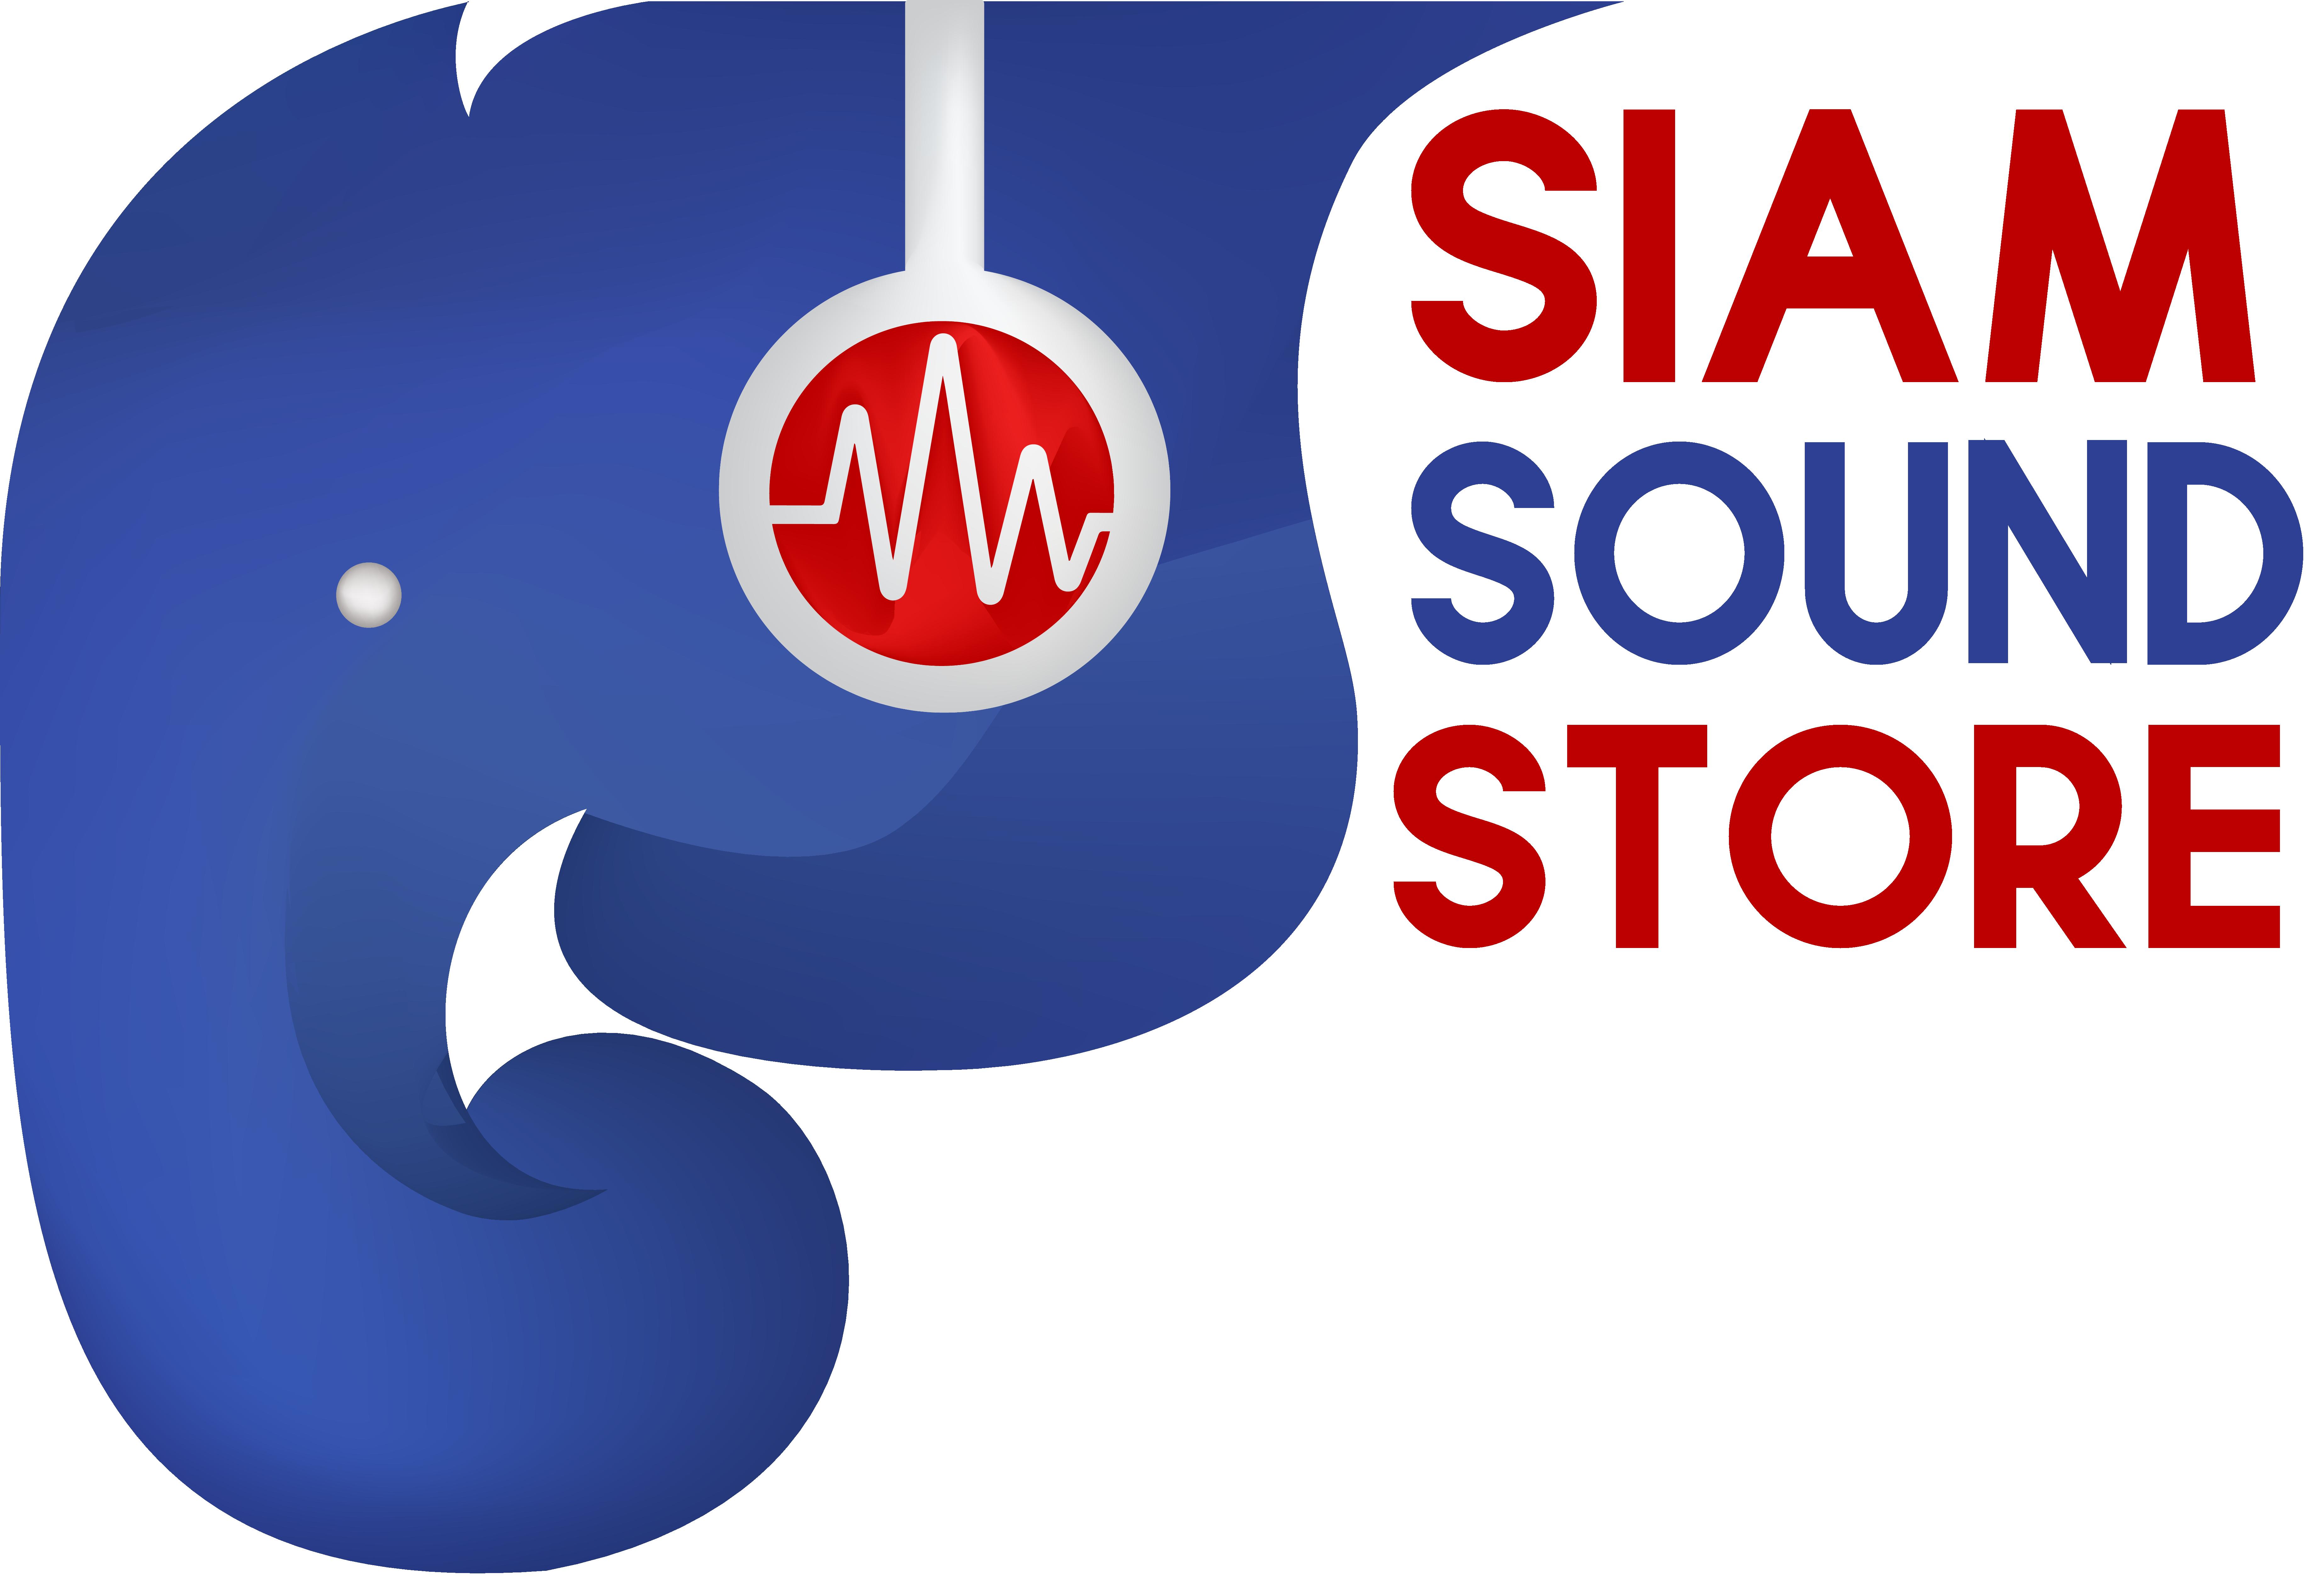 Siamsoundstore